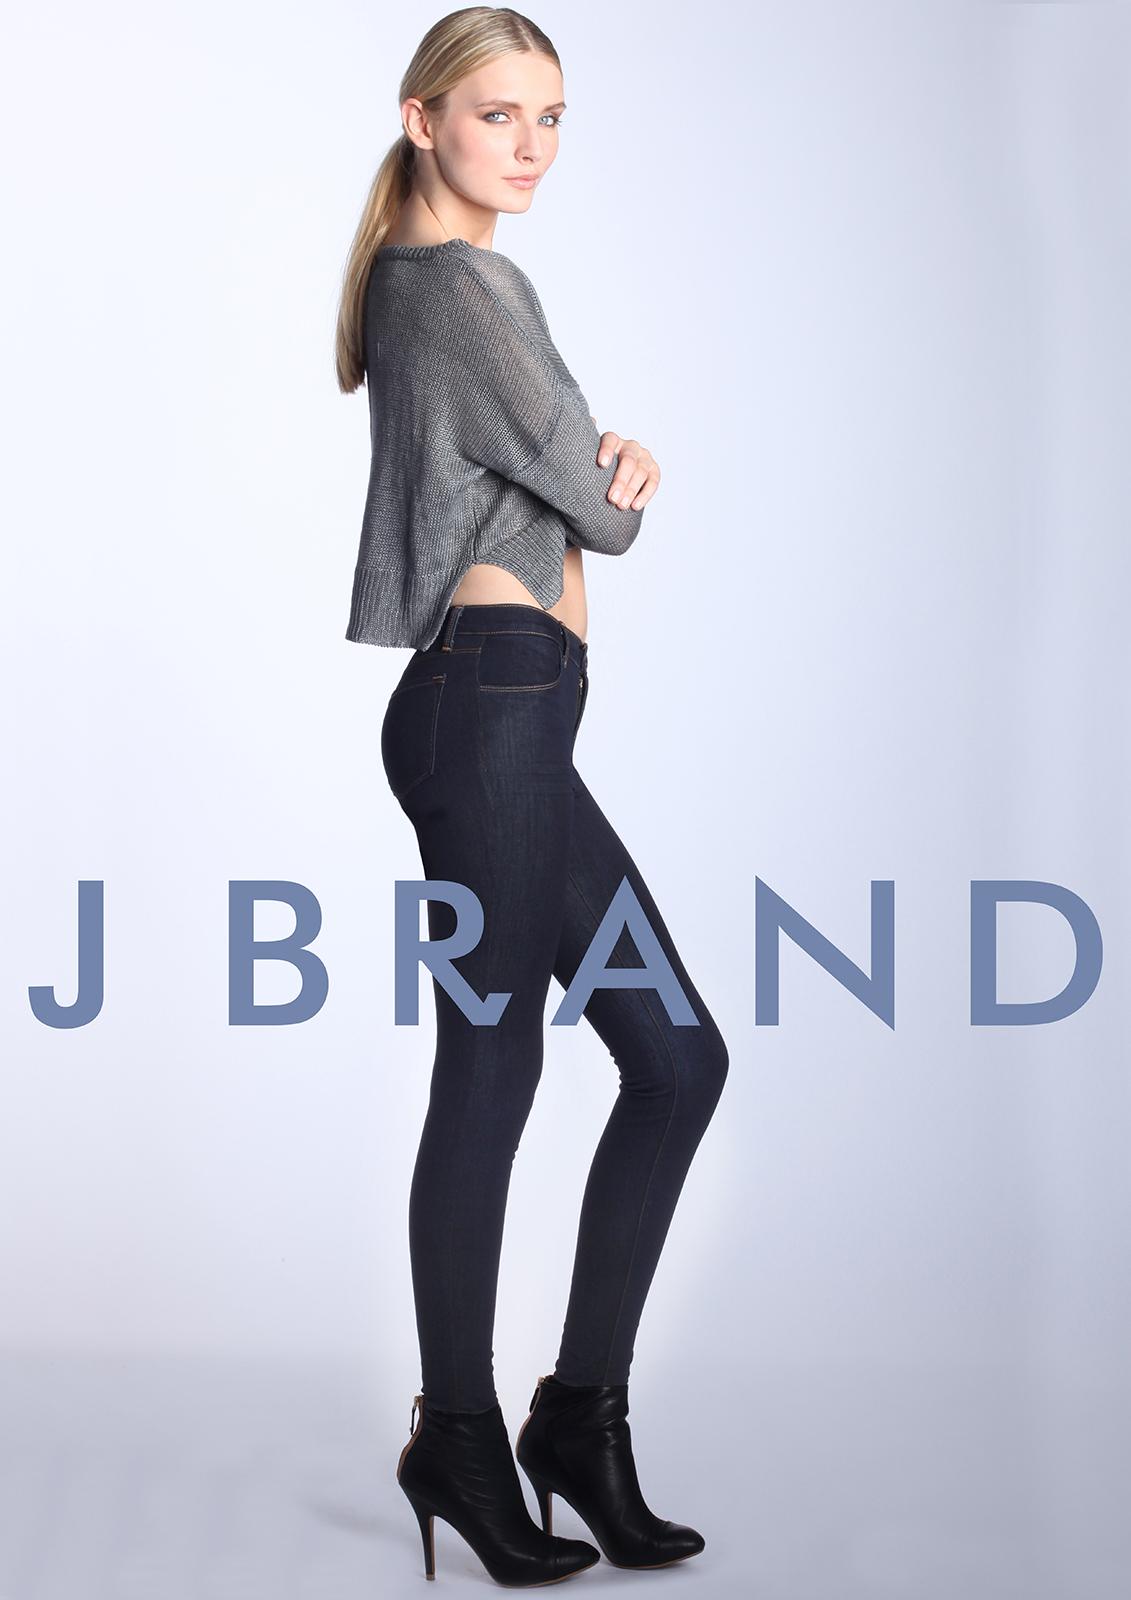 Jbrand 09